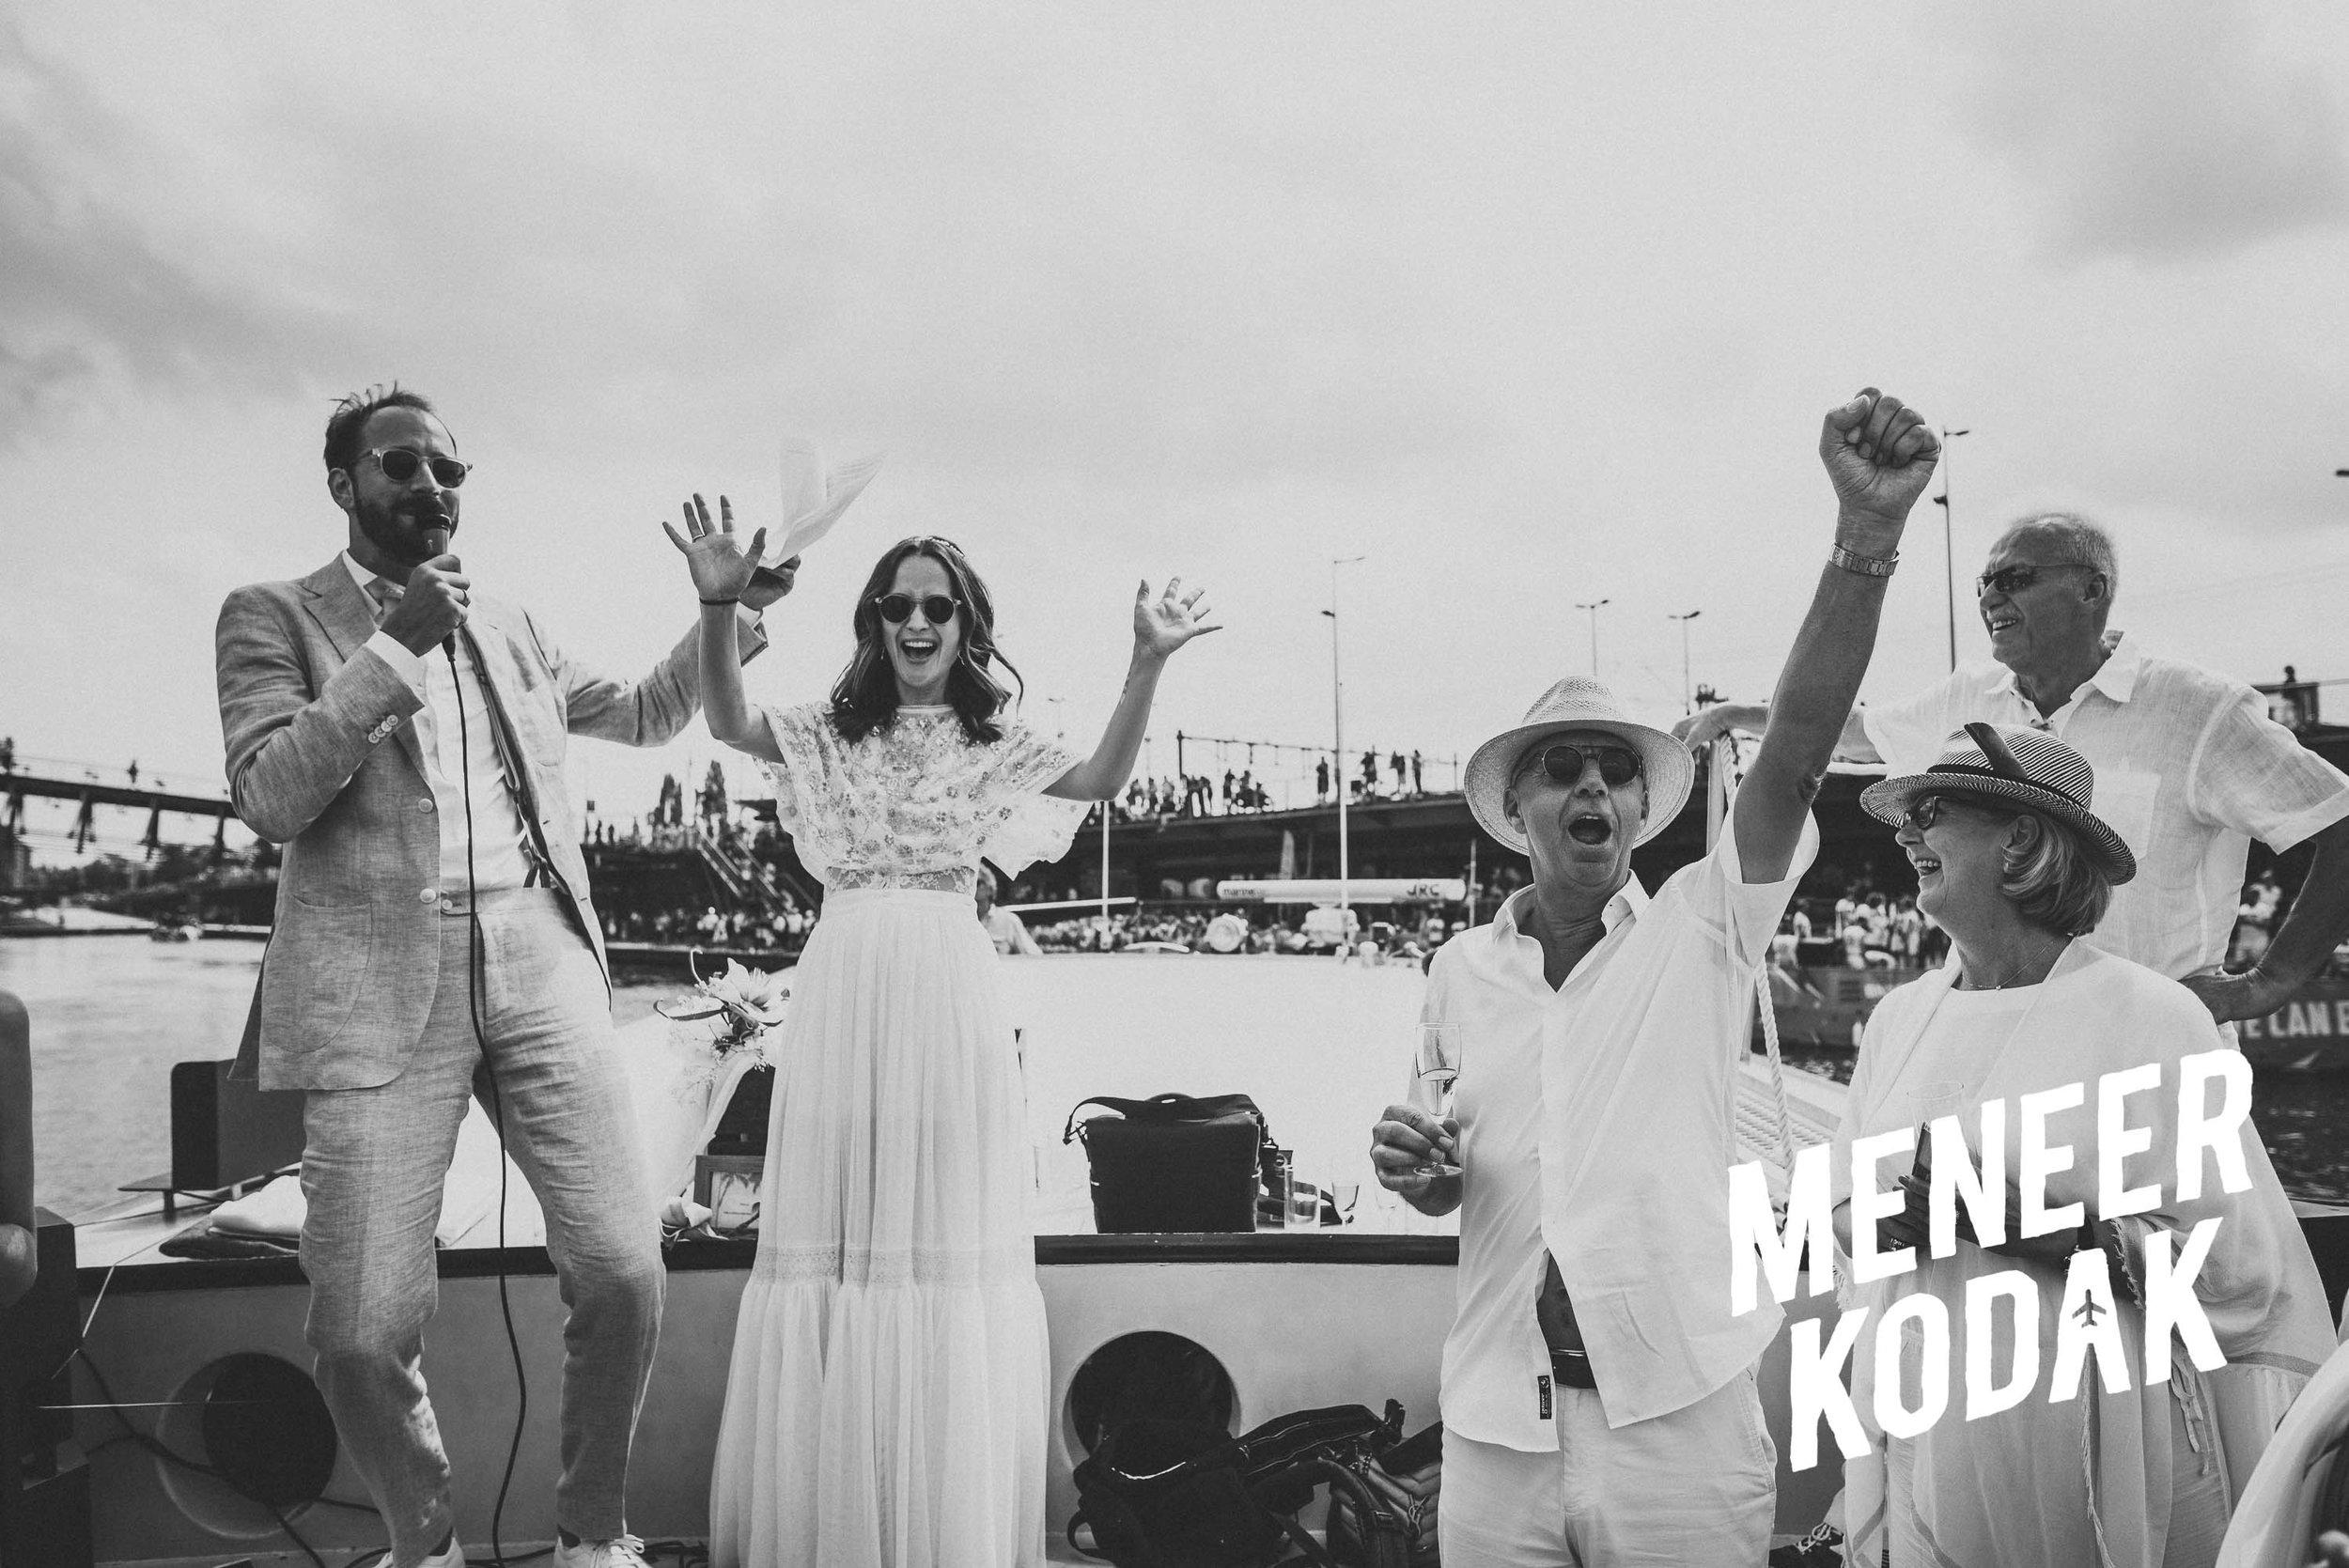 Meneer Kodak - Trouwfotograaf - Amsterdam - H&T-069.jpg